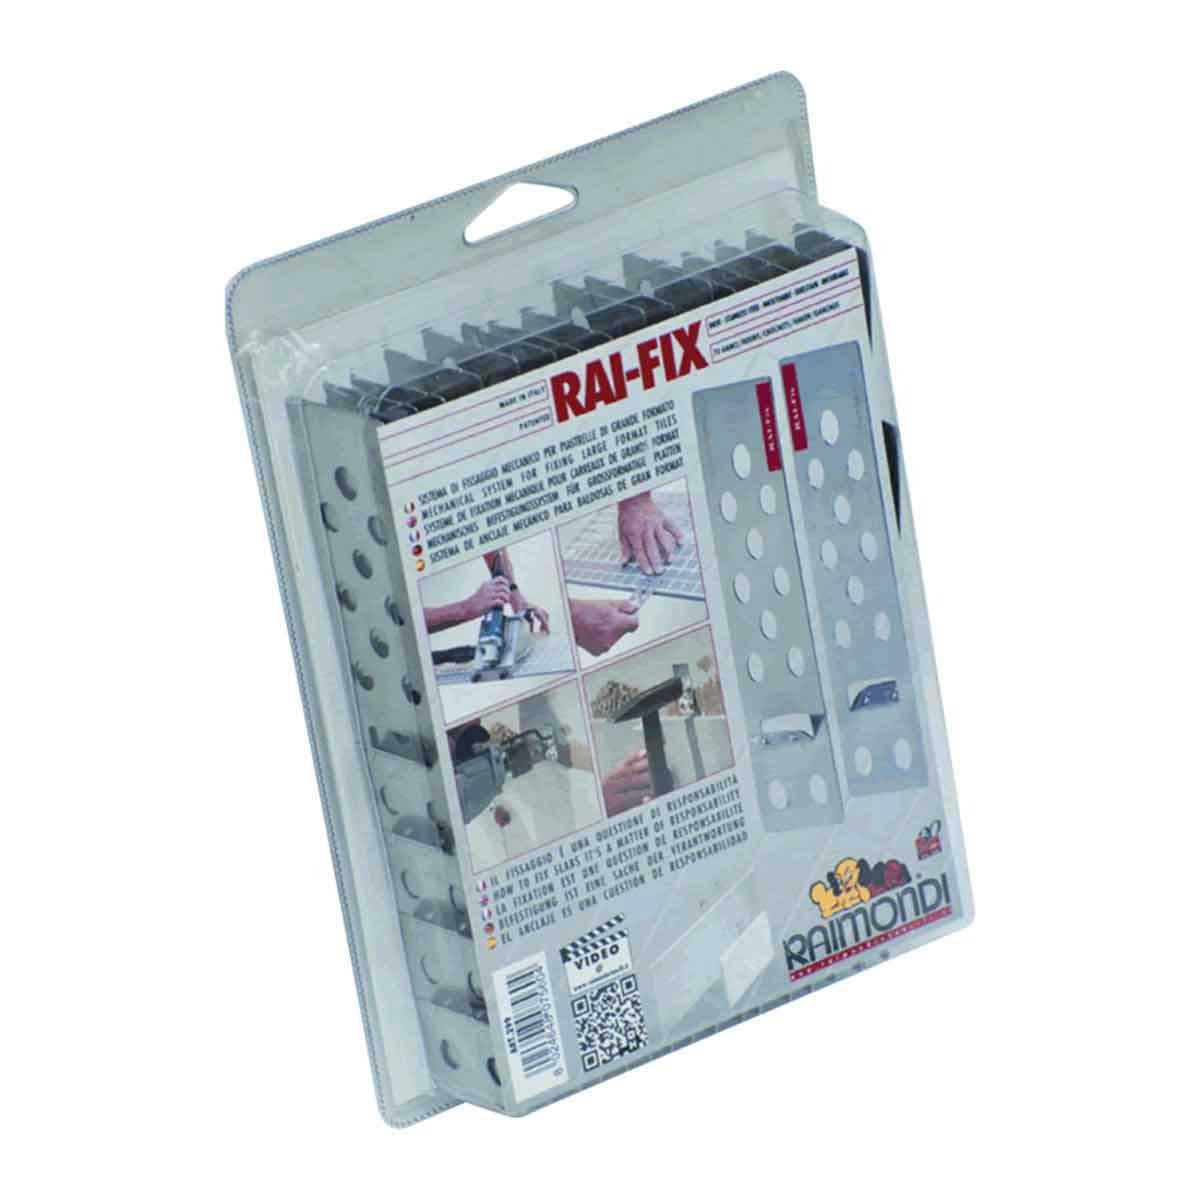 Raimondi Rai-Fix 8mm 70 Piece LTAT70